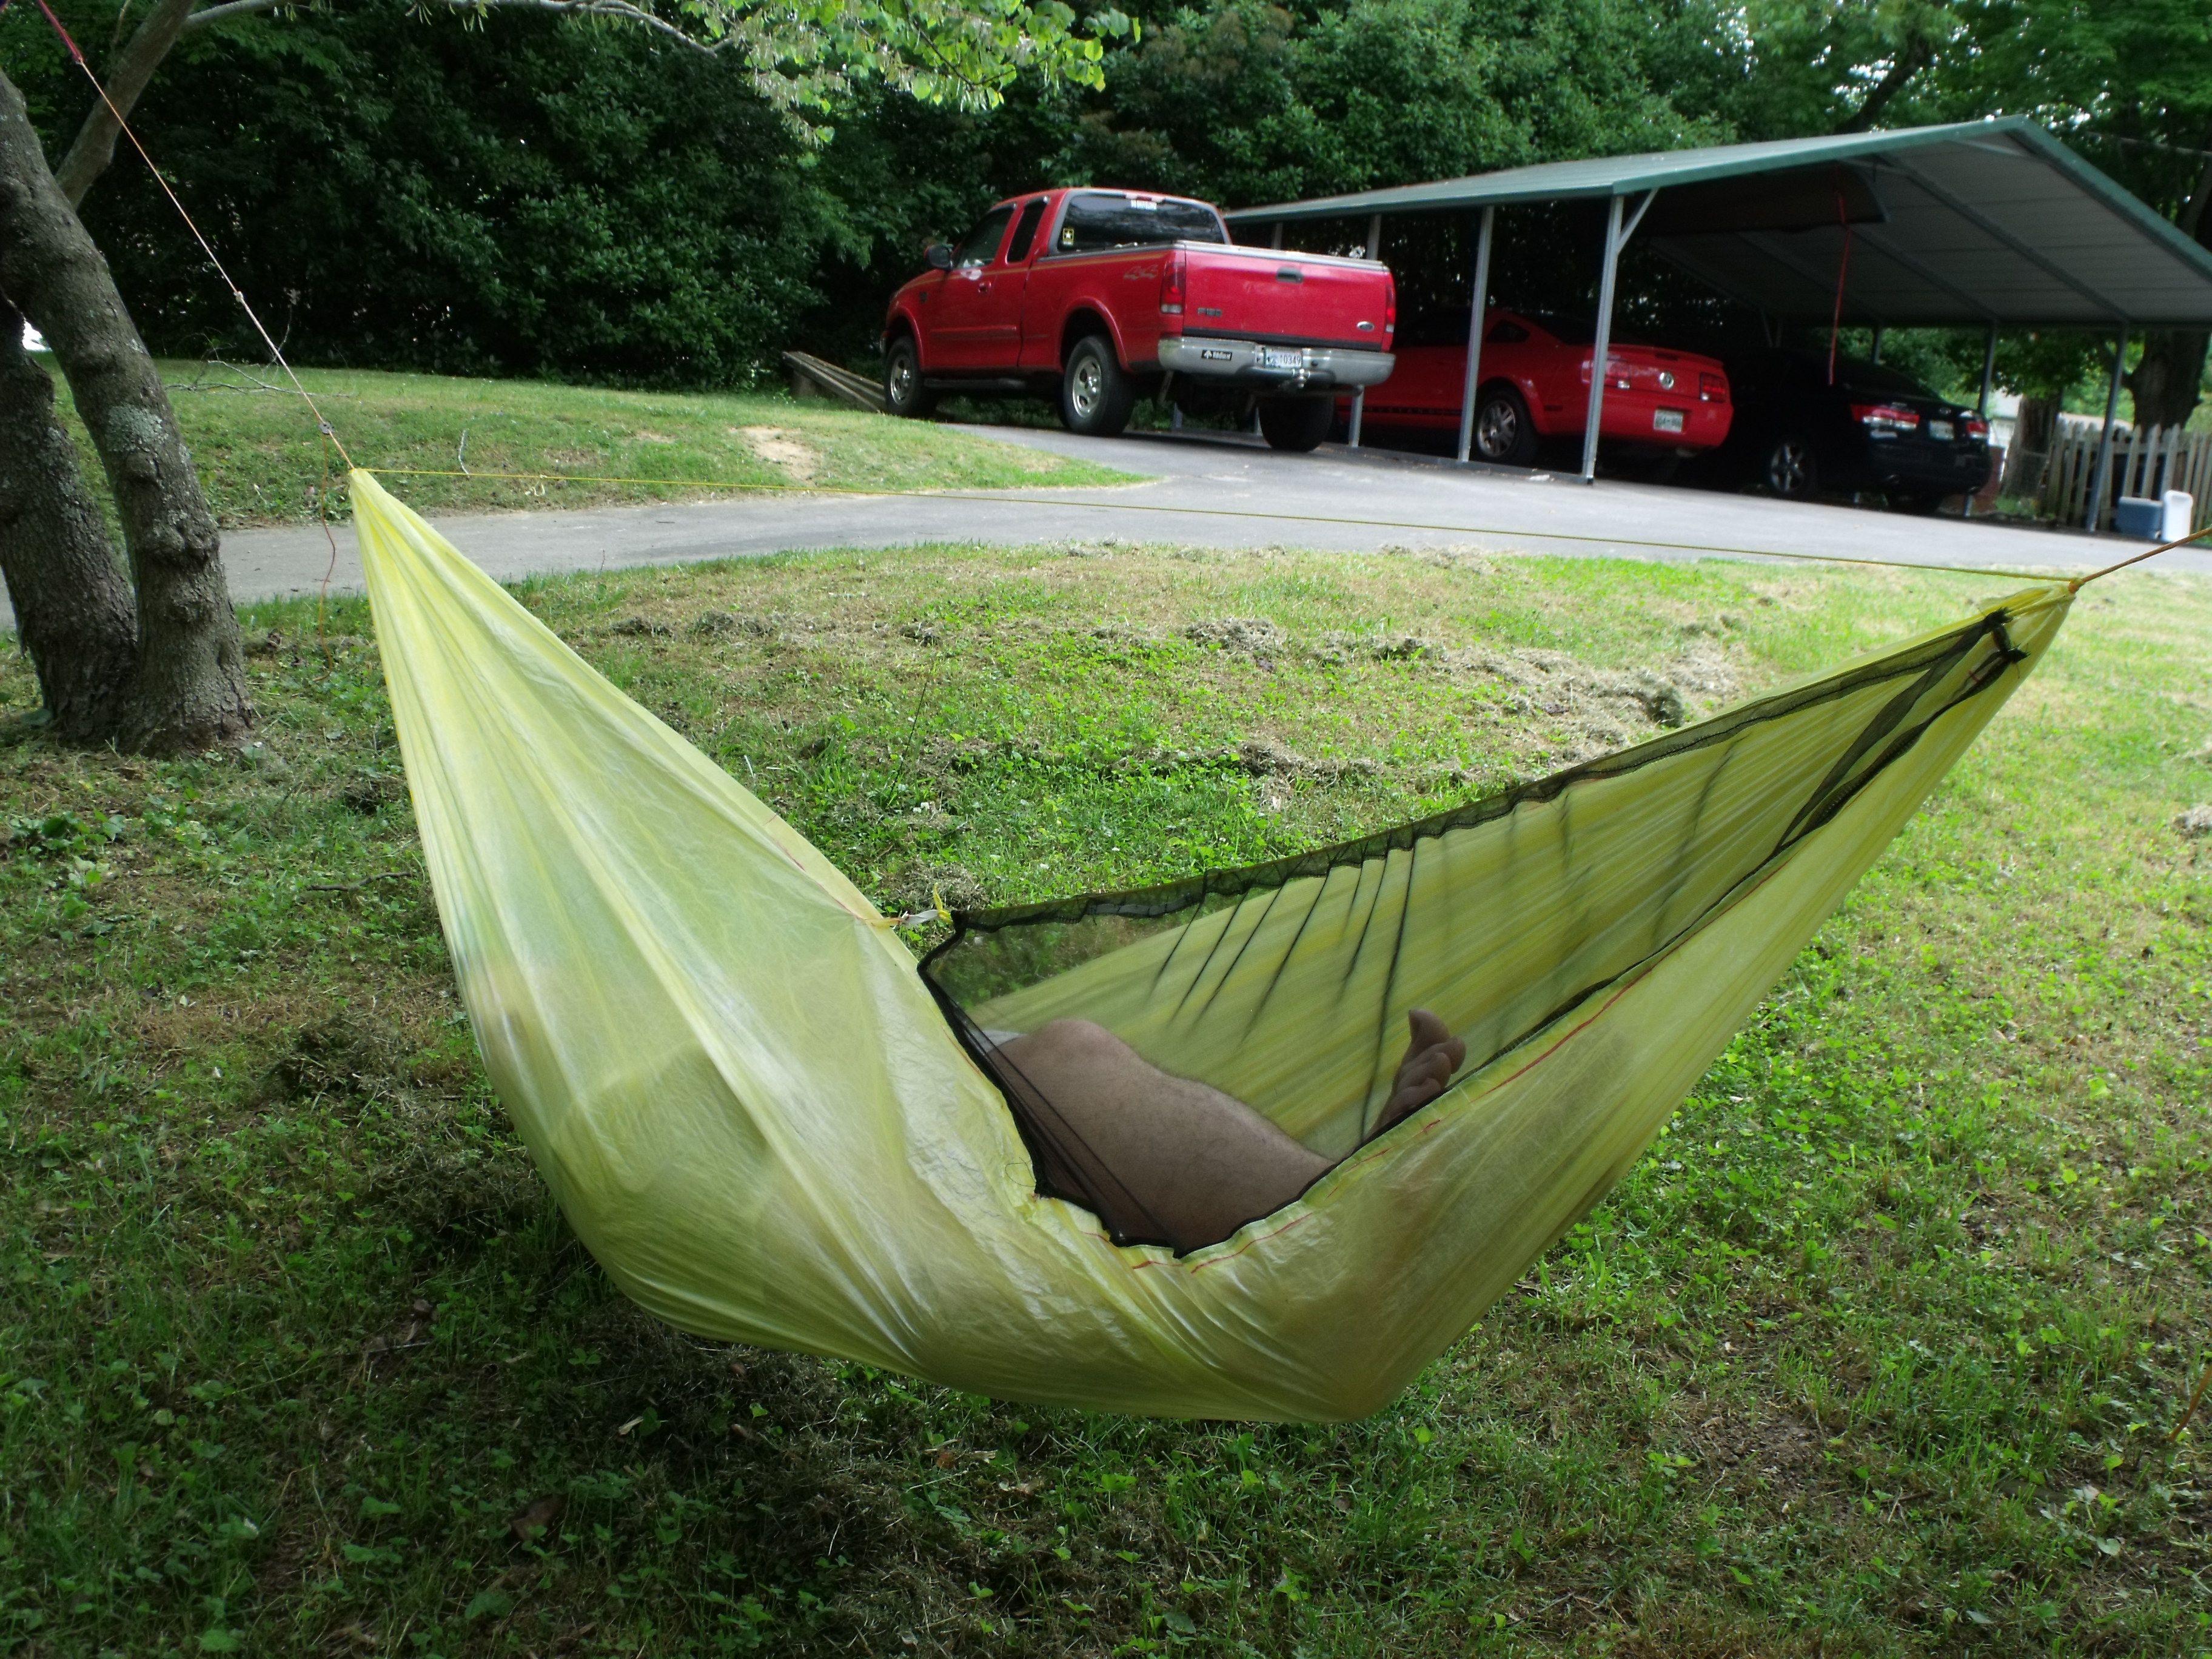 cuben ghost hammock   back cuben ghost hammock   back   hammock forums gallery  rh   hammockforums